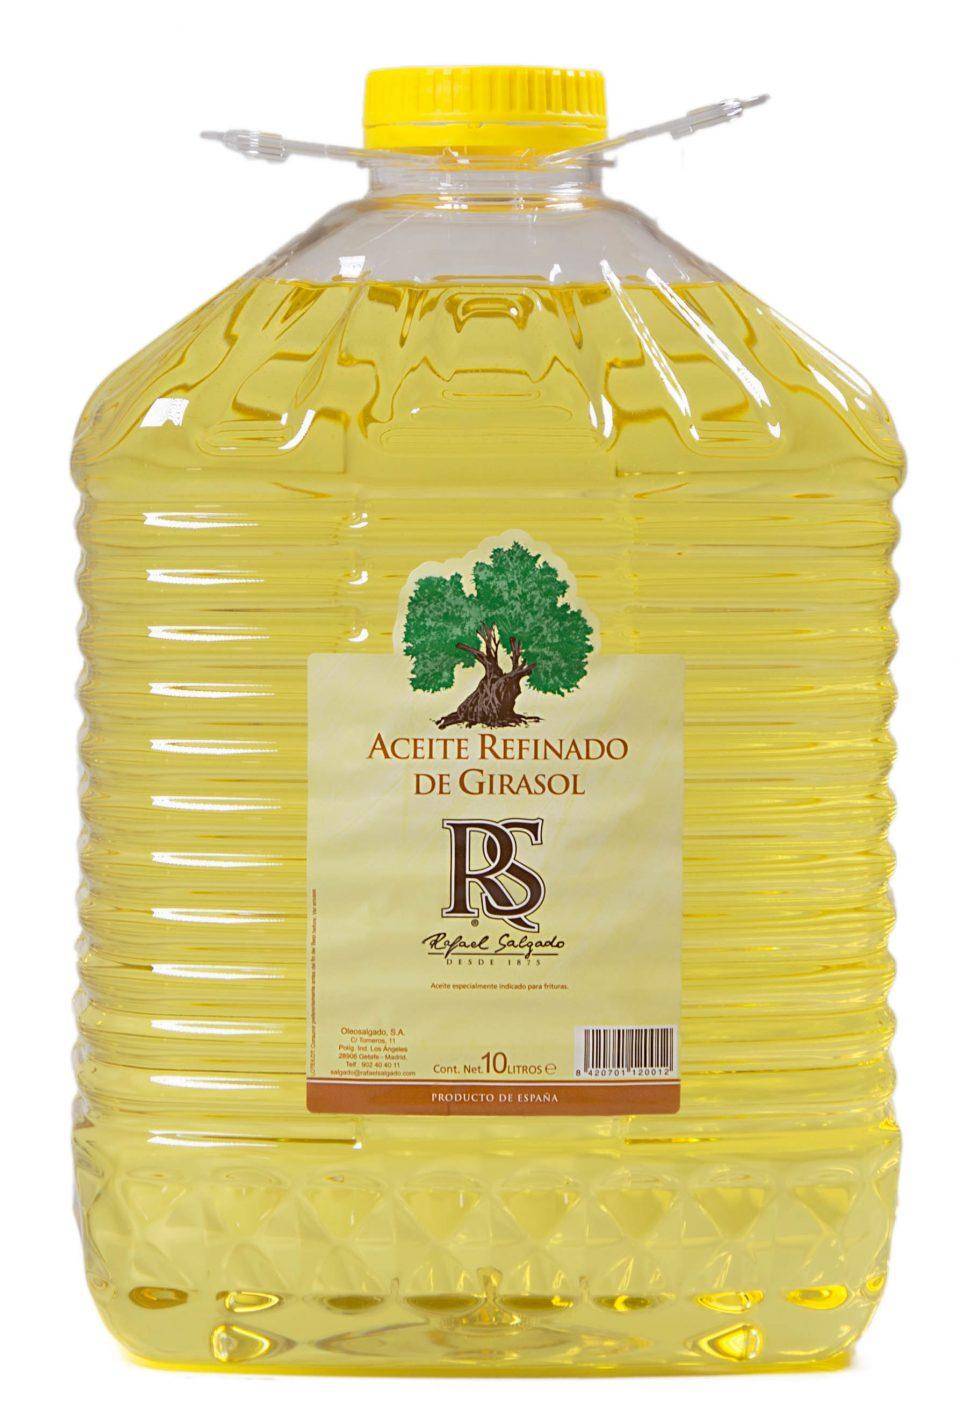 ACEITE DE GIRASOL RS 10 litro